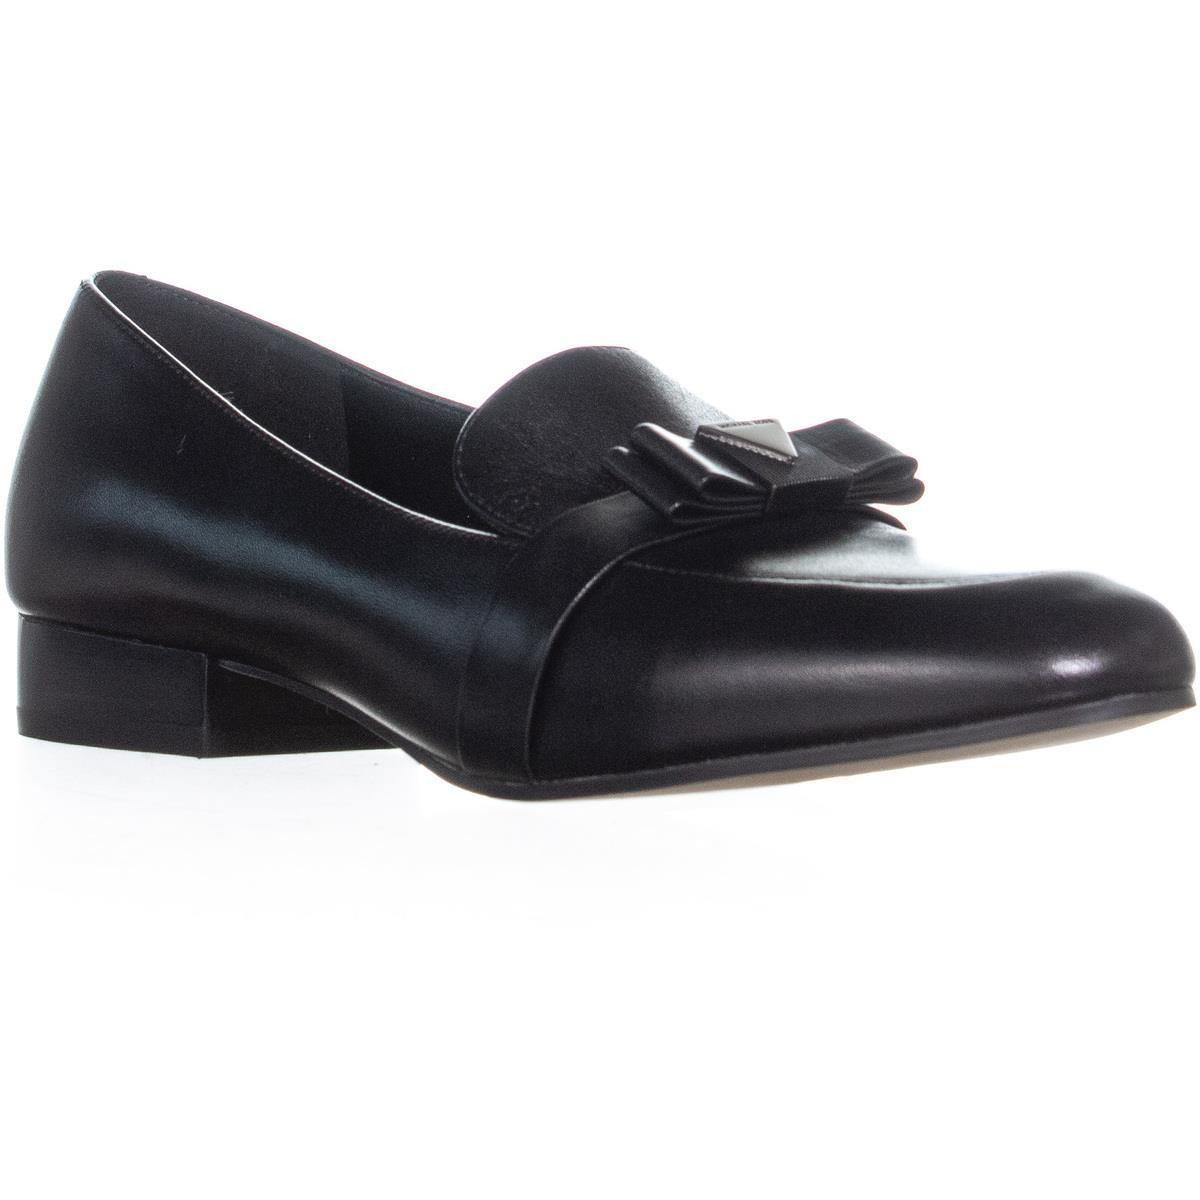 c806868afdd Lyst - Michael Kors Caroline Leather Loafer in Black